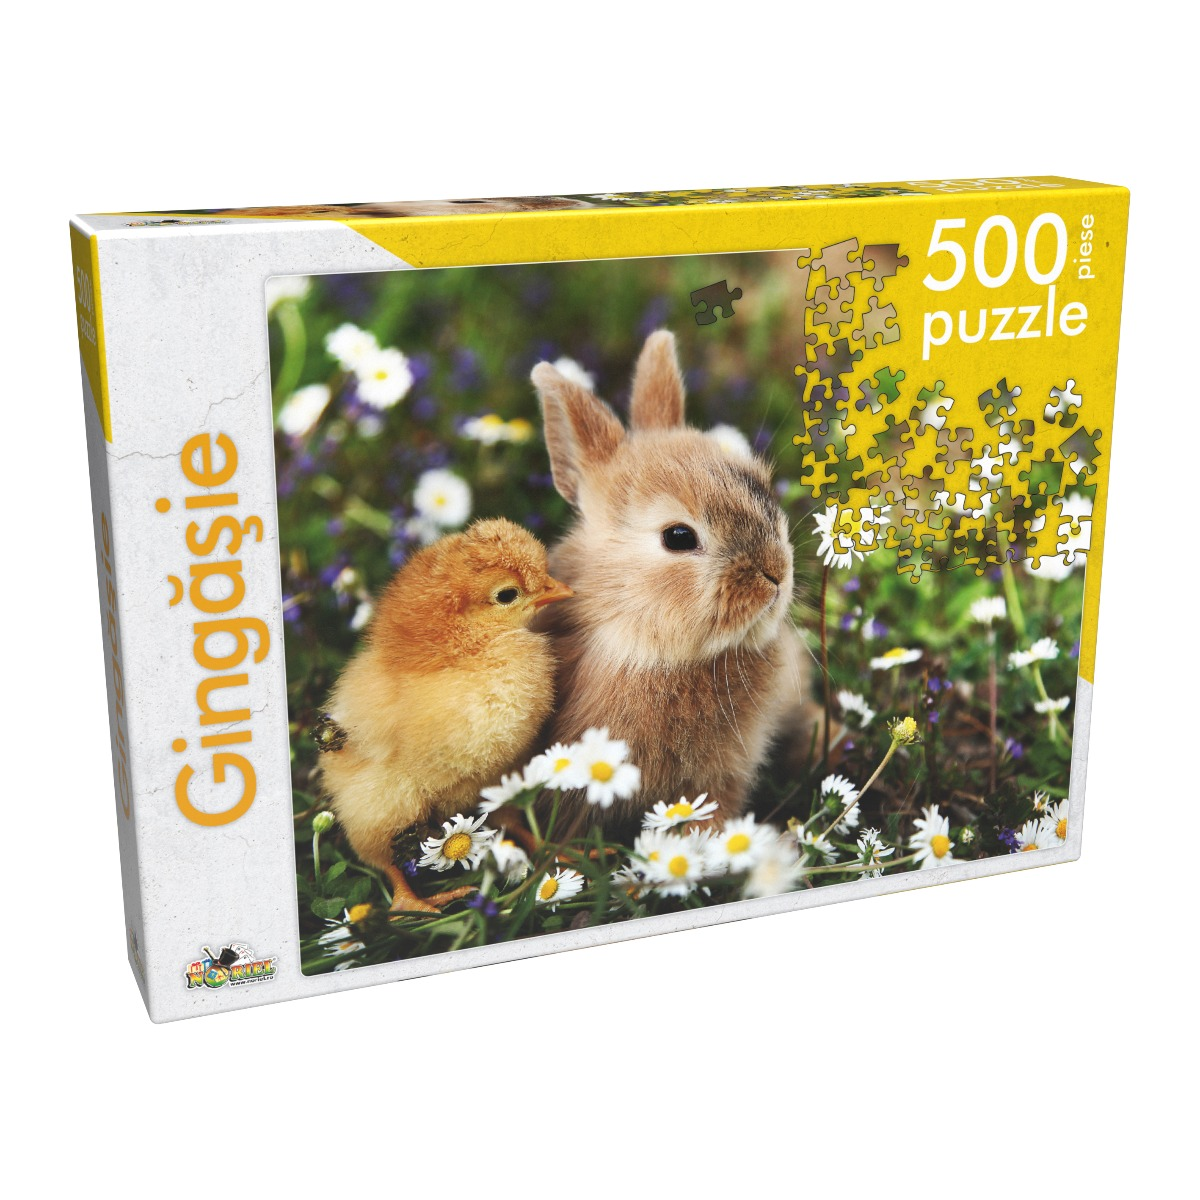 Puzzle clasic Noriel - Gigansie, 500 piese